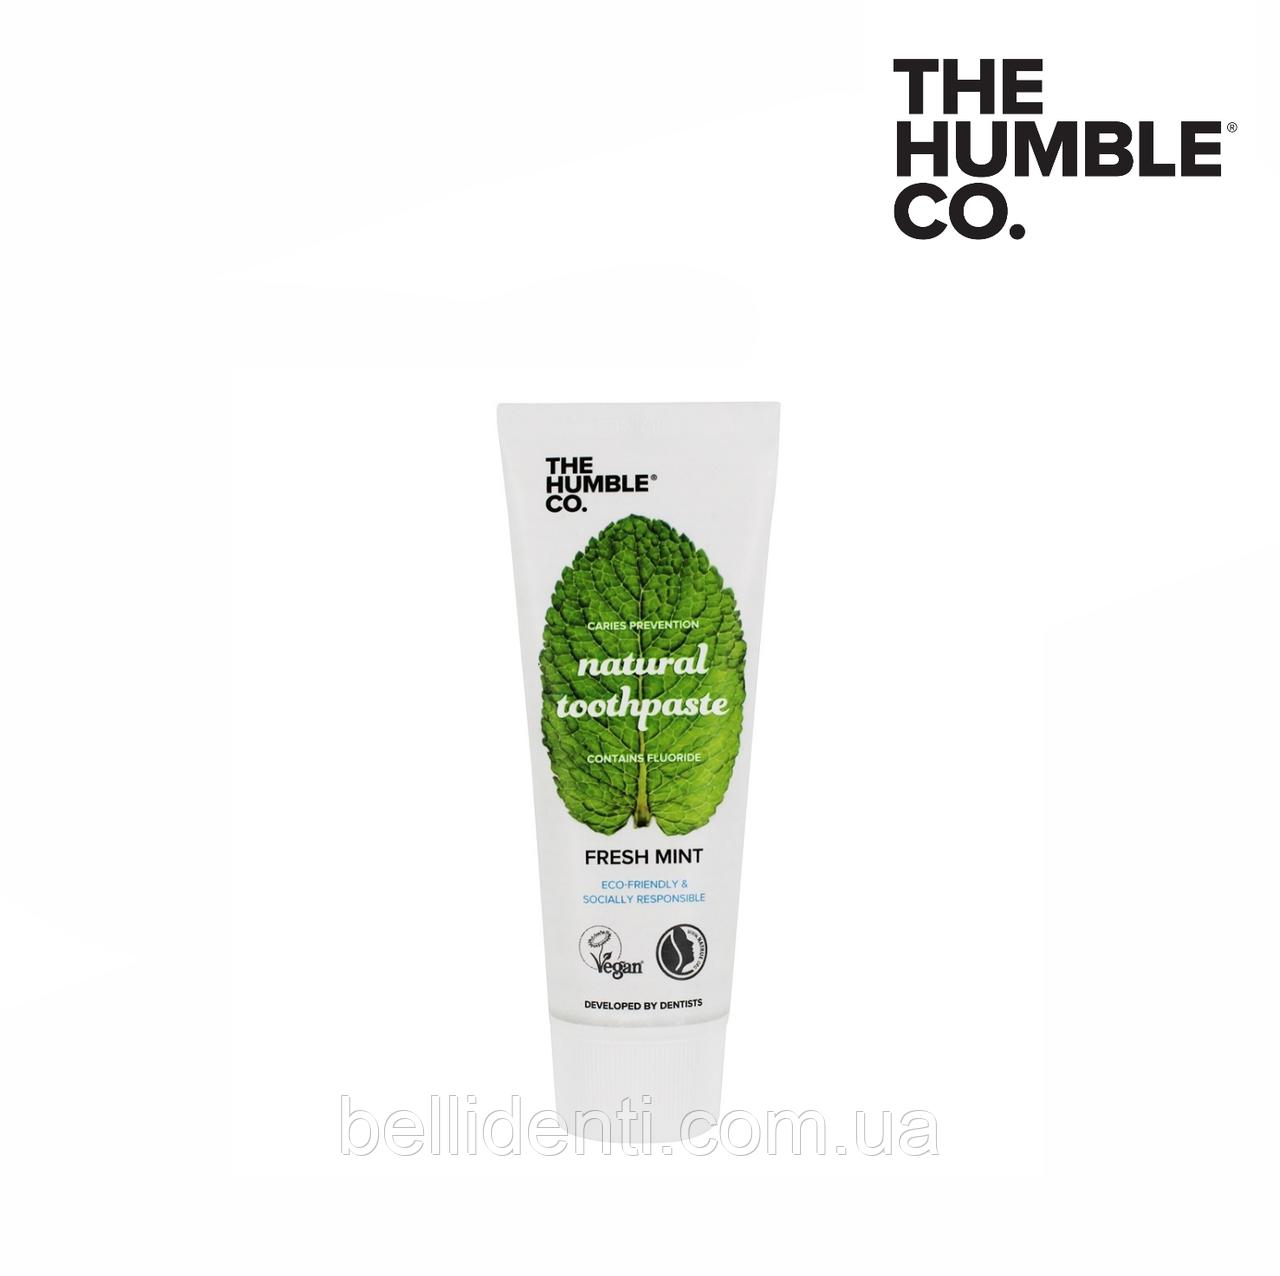 """Натуральная зубная паста The Humble Co """"Освежающая мята"""", 75 мл"""